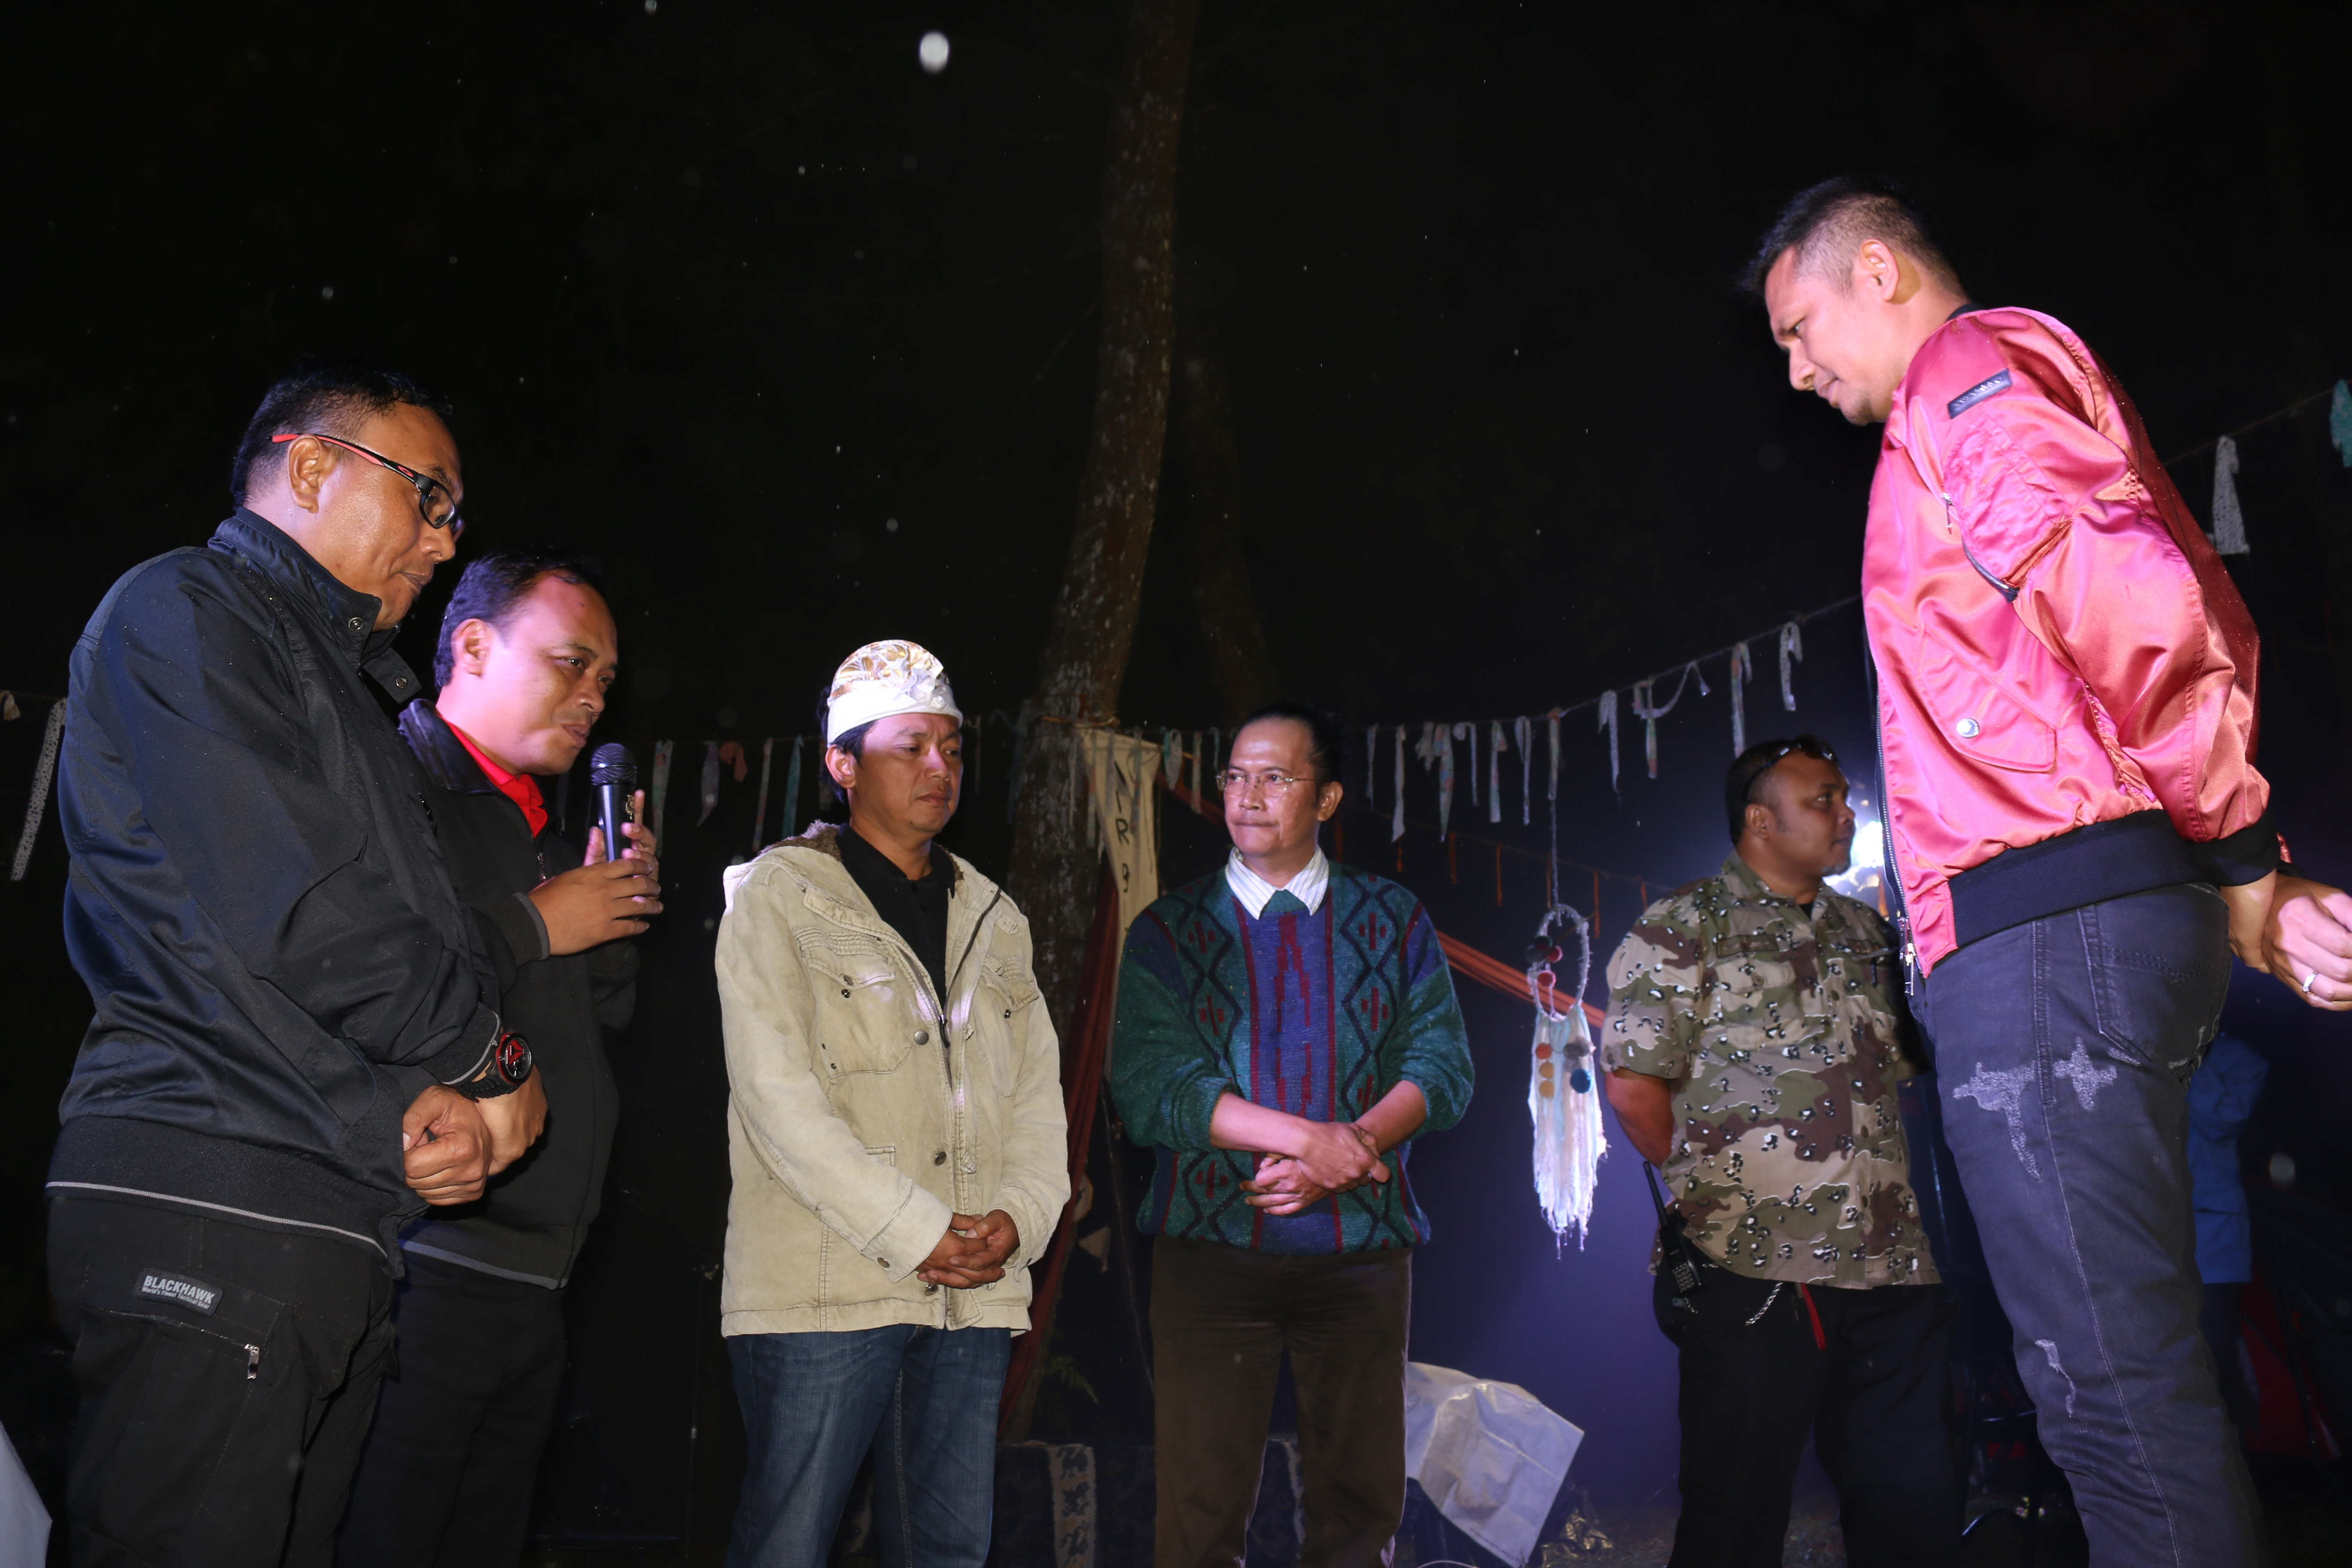 Kapolres Batu Dinobatkan Bapak Lingkungan Kota Batu dalam Ngopi Atau Ngobrol Pintar Di Acara Festival Air Bicara